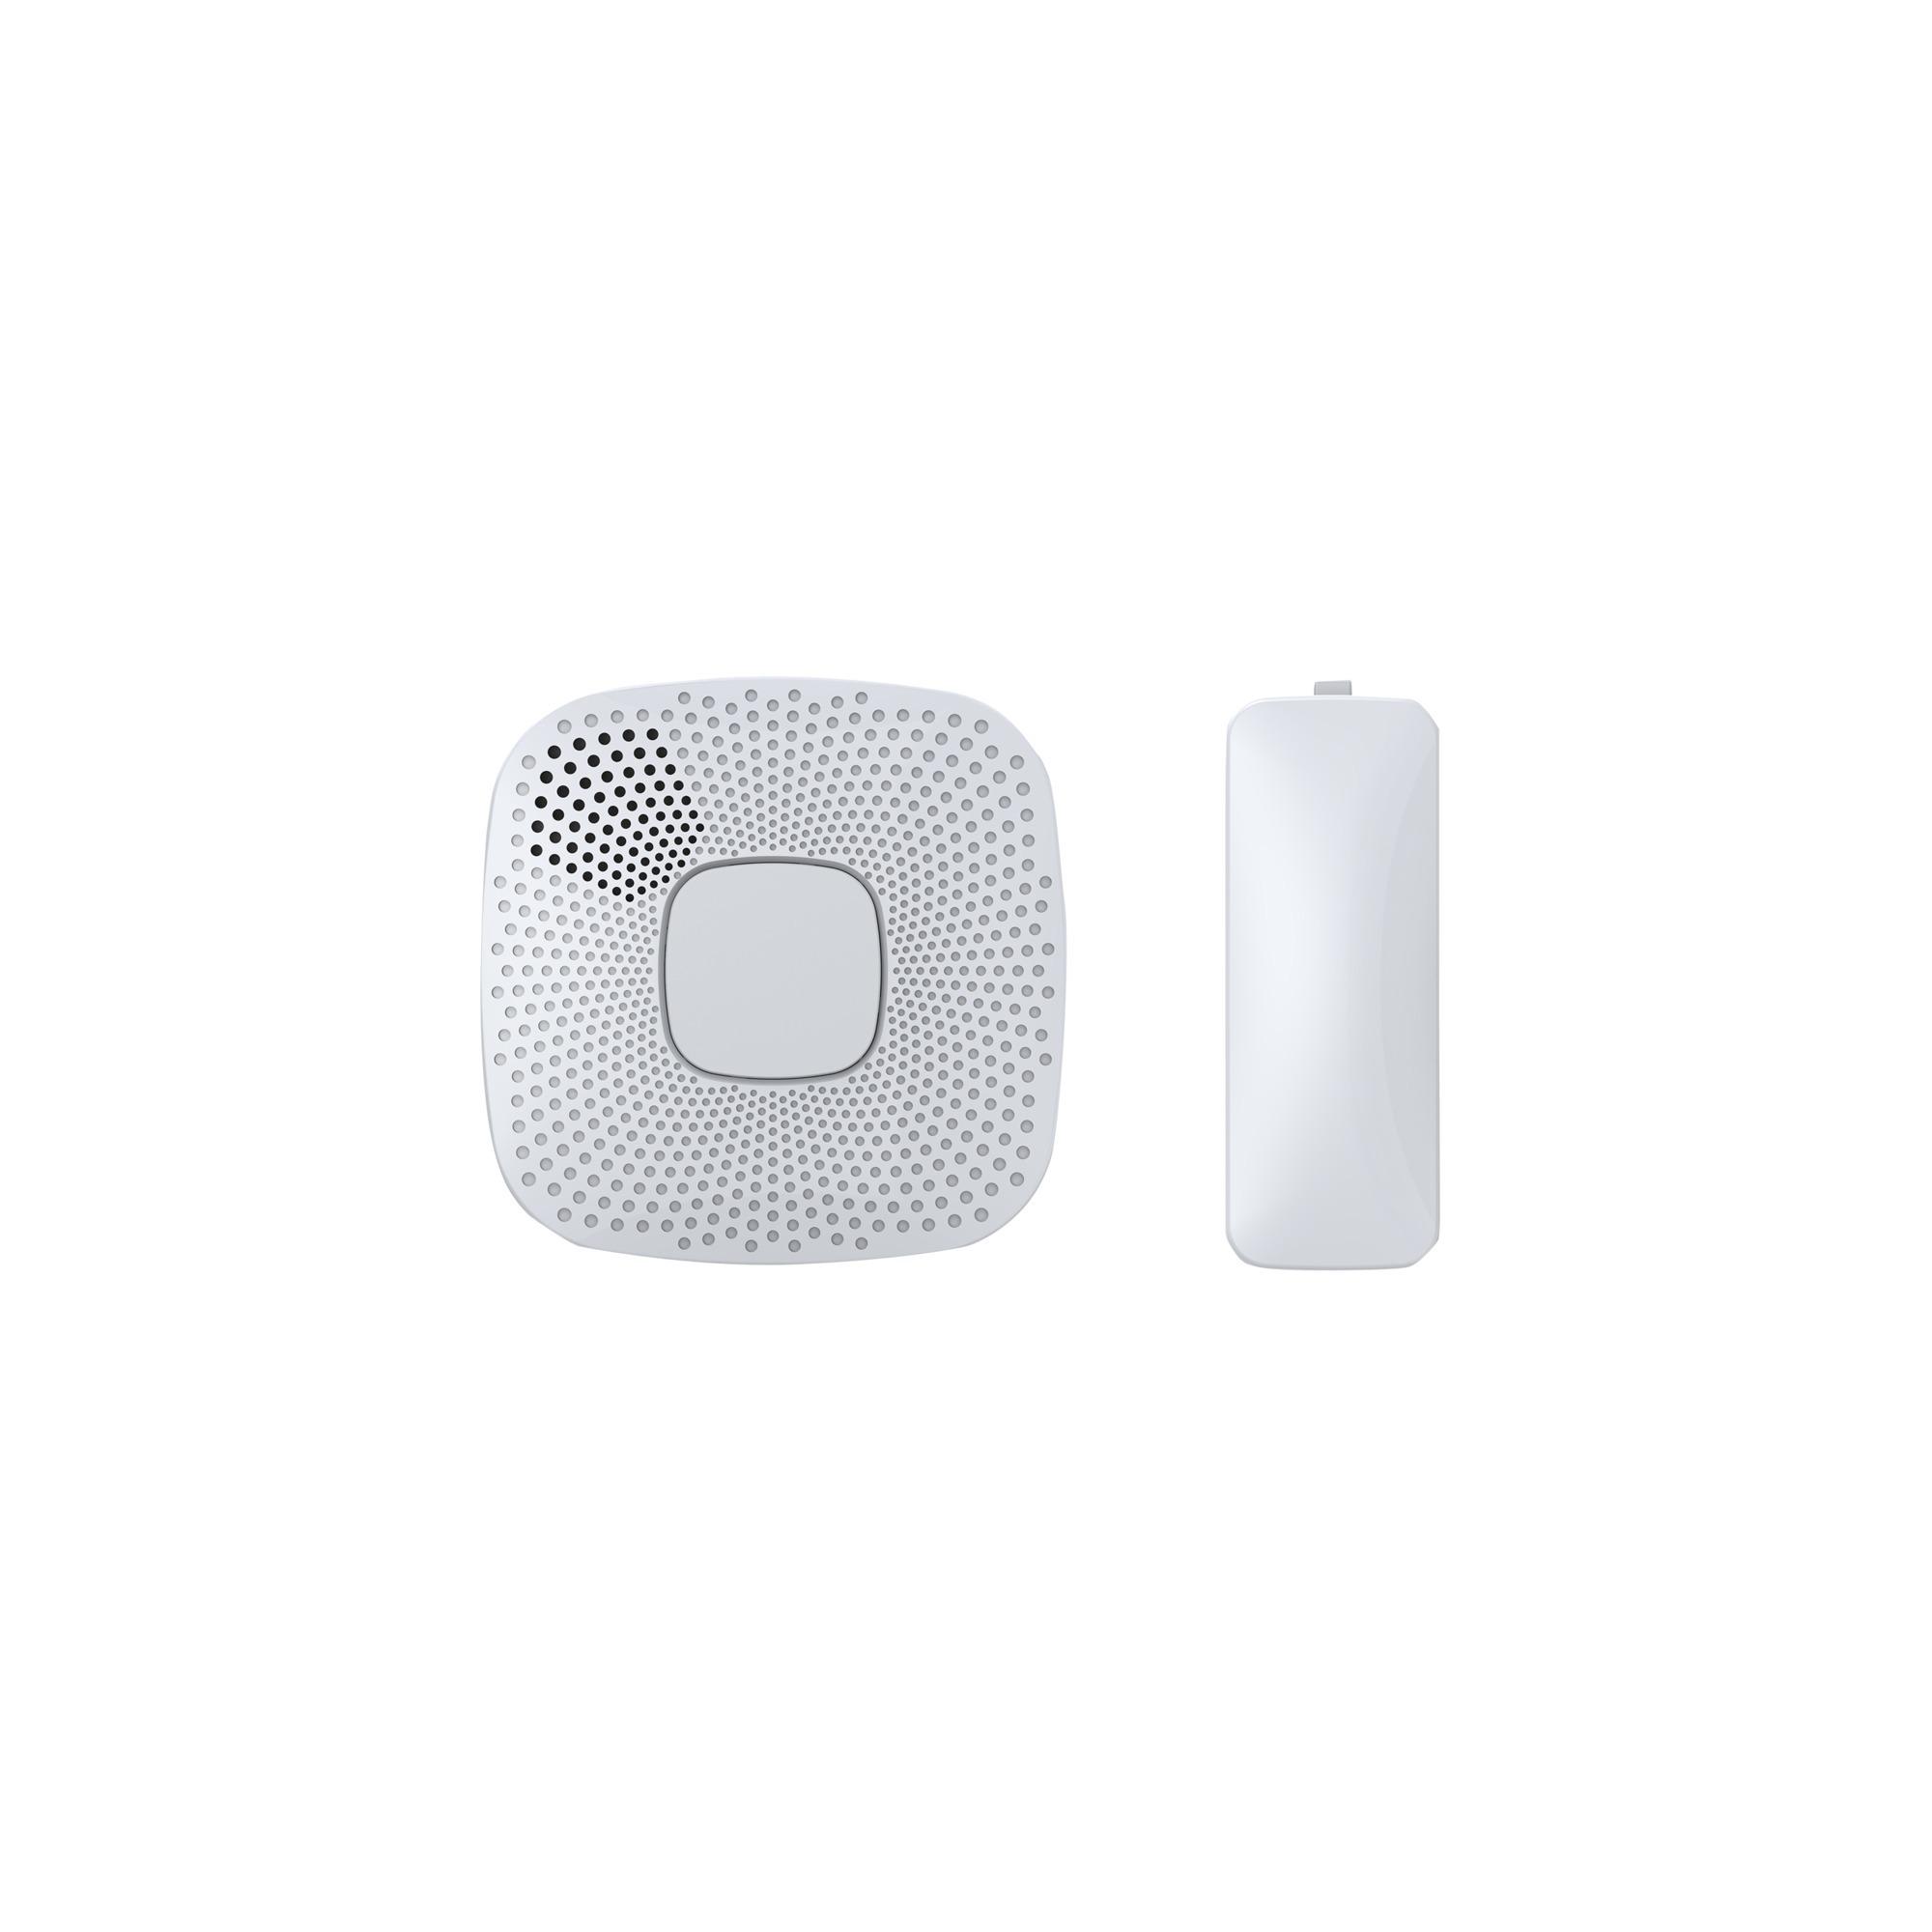 AEOEZW062 Sans fil Blanc capteur de porte/fenêtre, Contrôleur de gestion de porte de garage